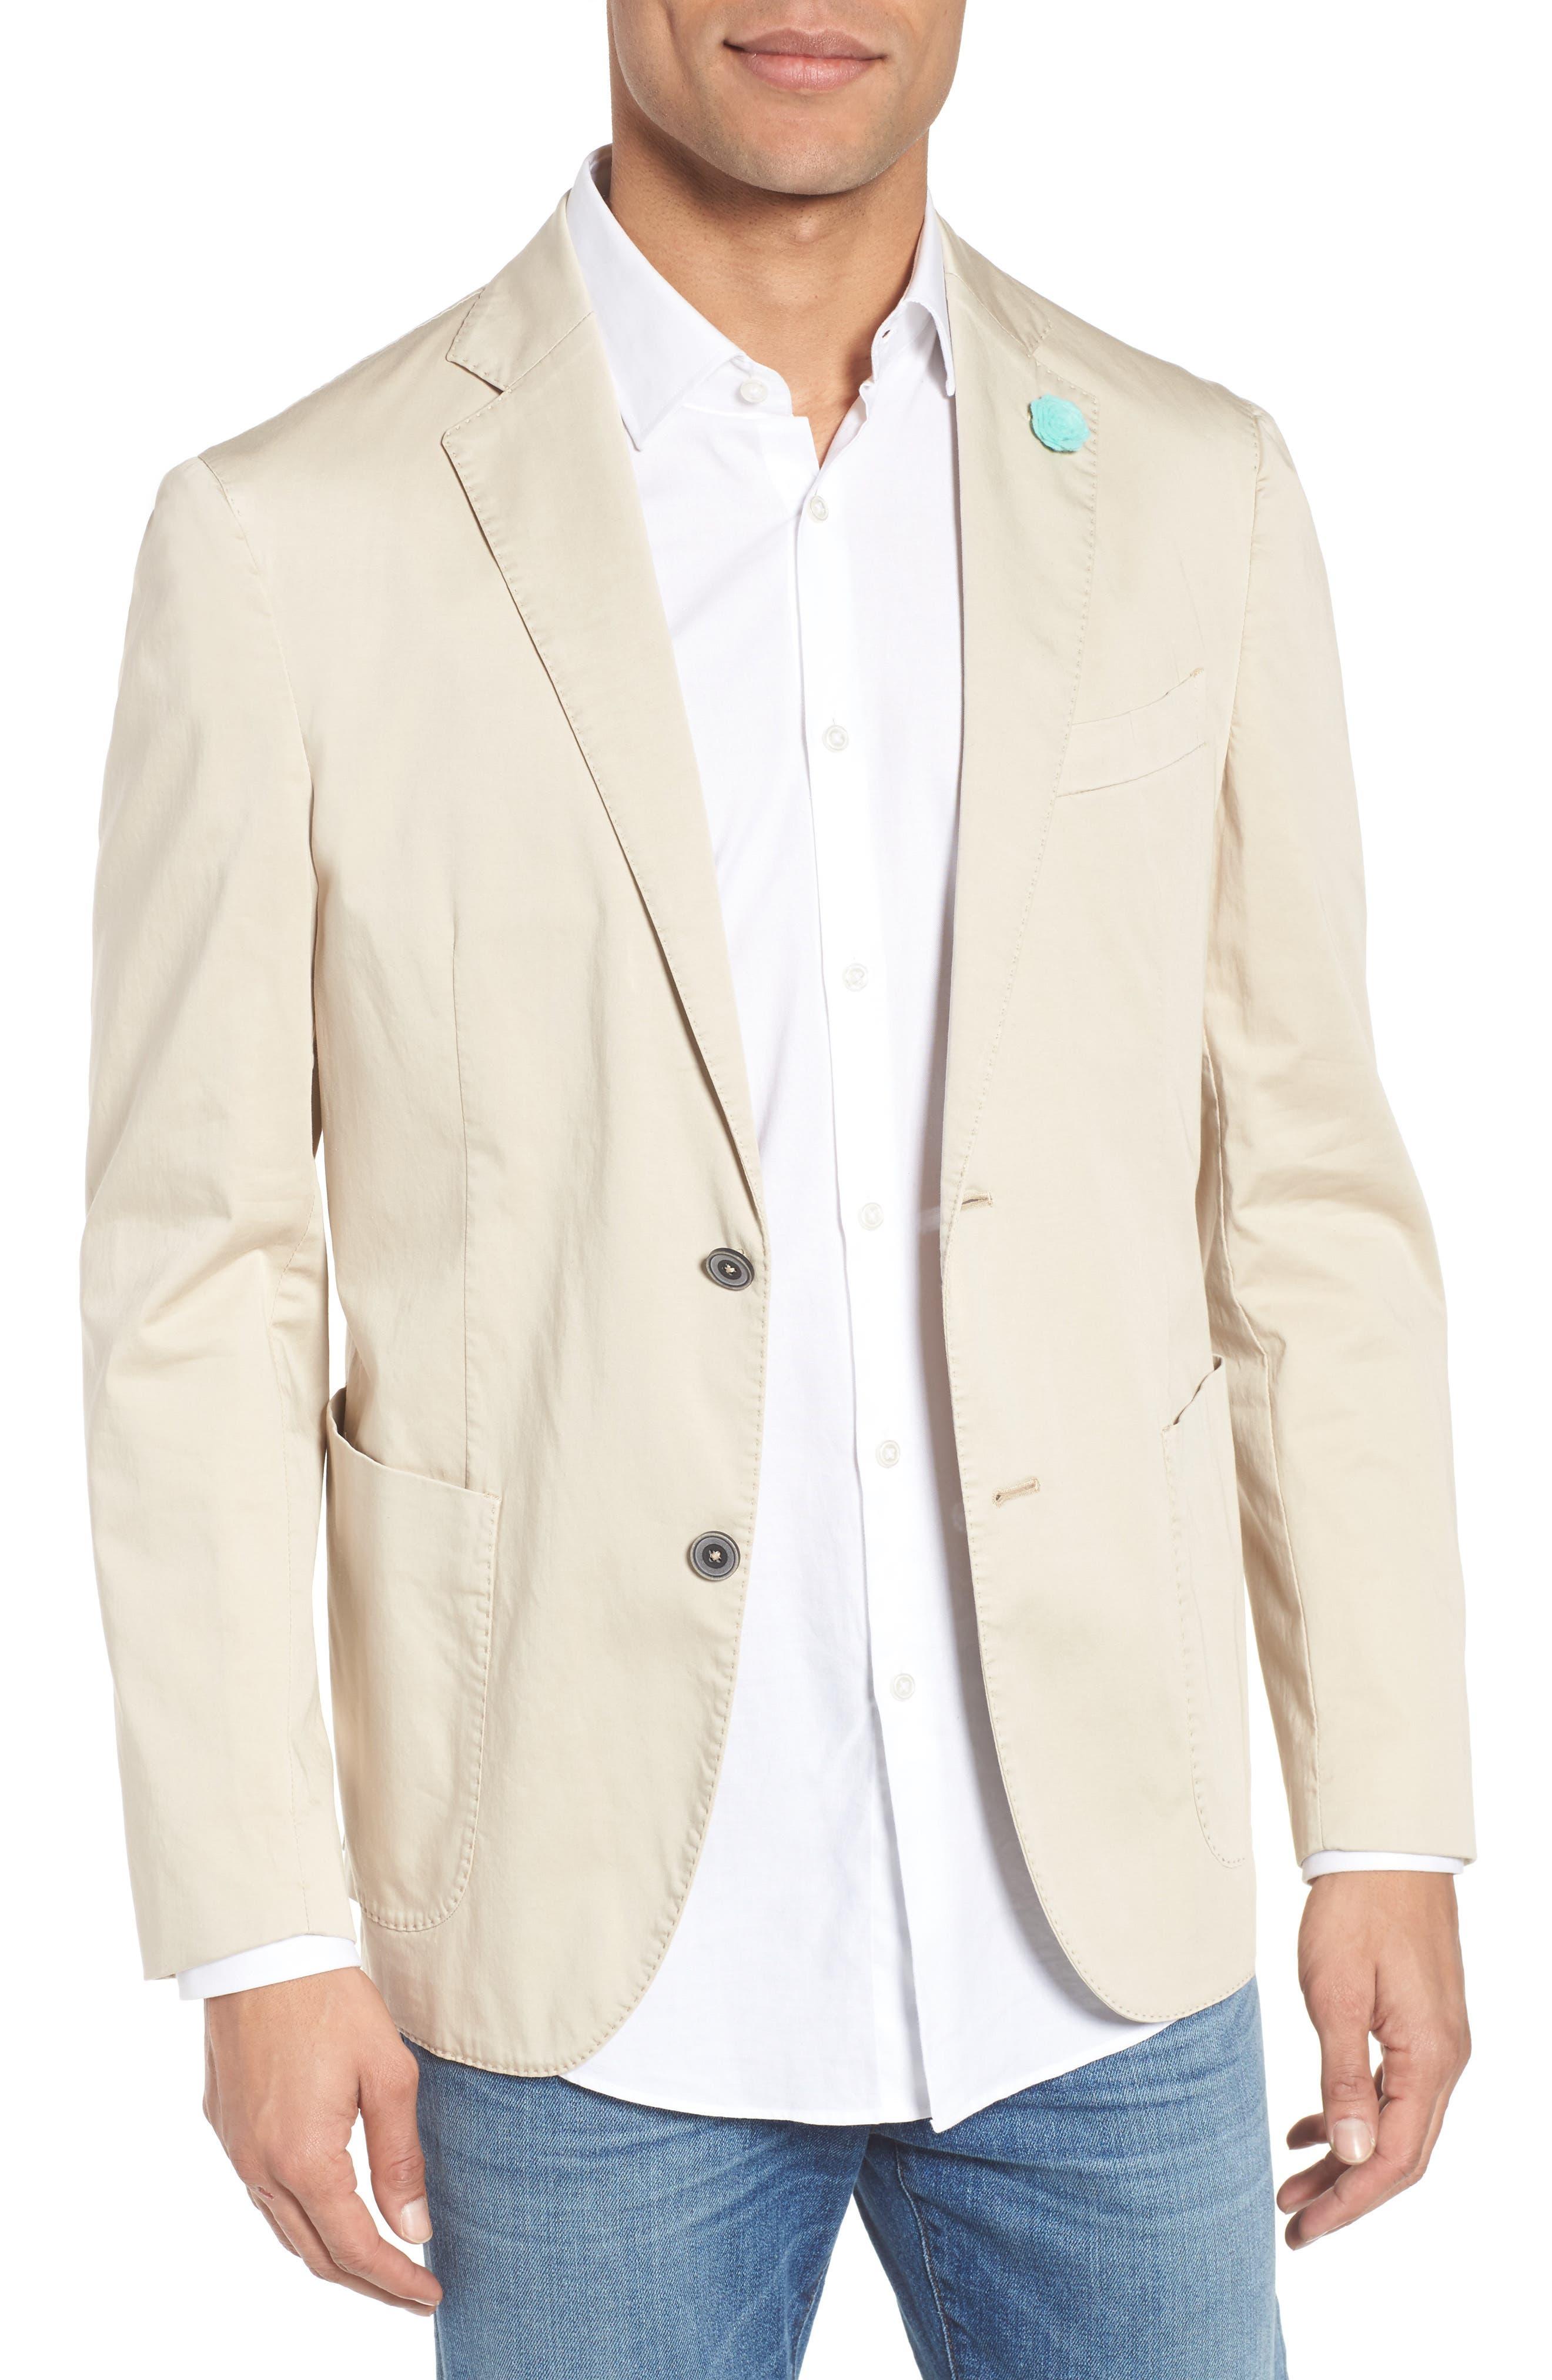 Culturata Trim Fit Stretch Cotton Blazer